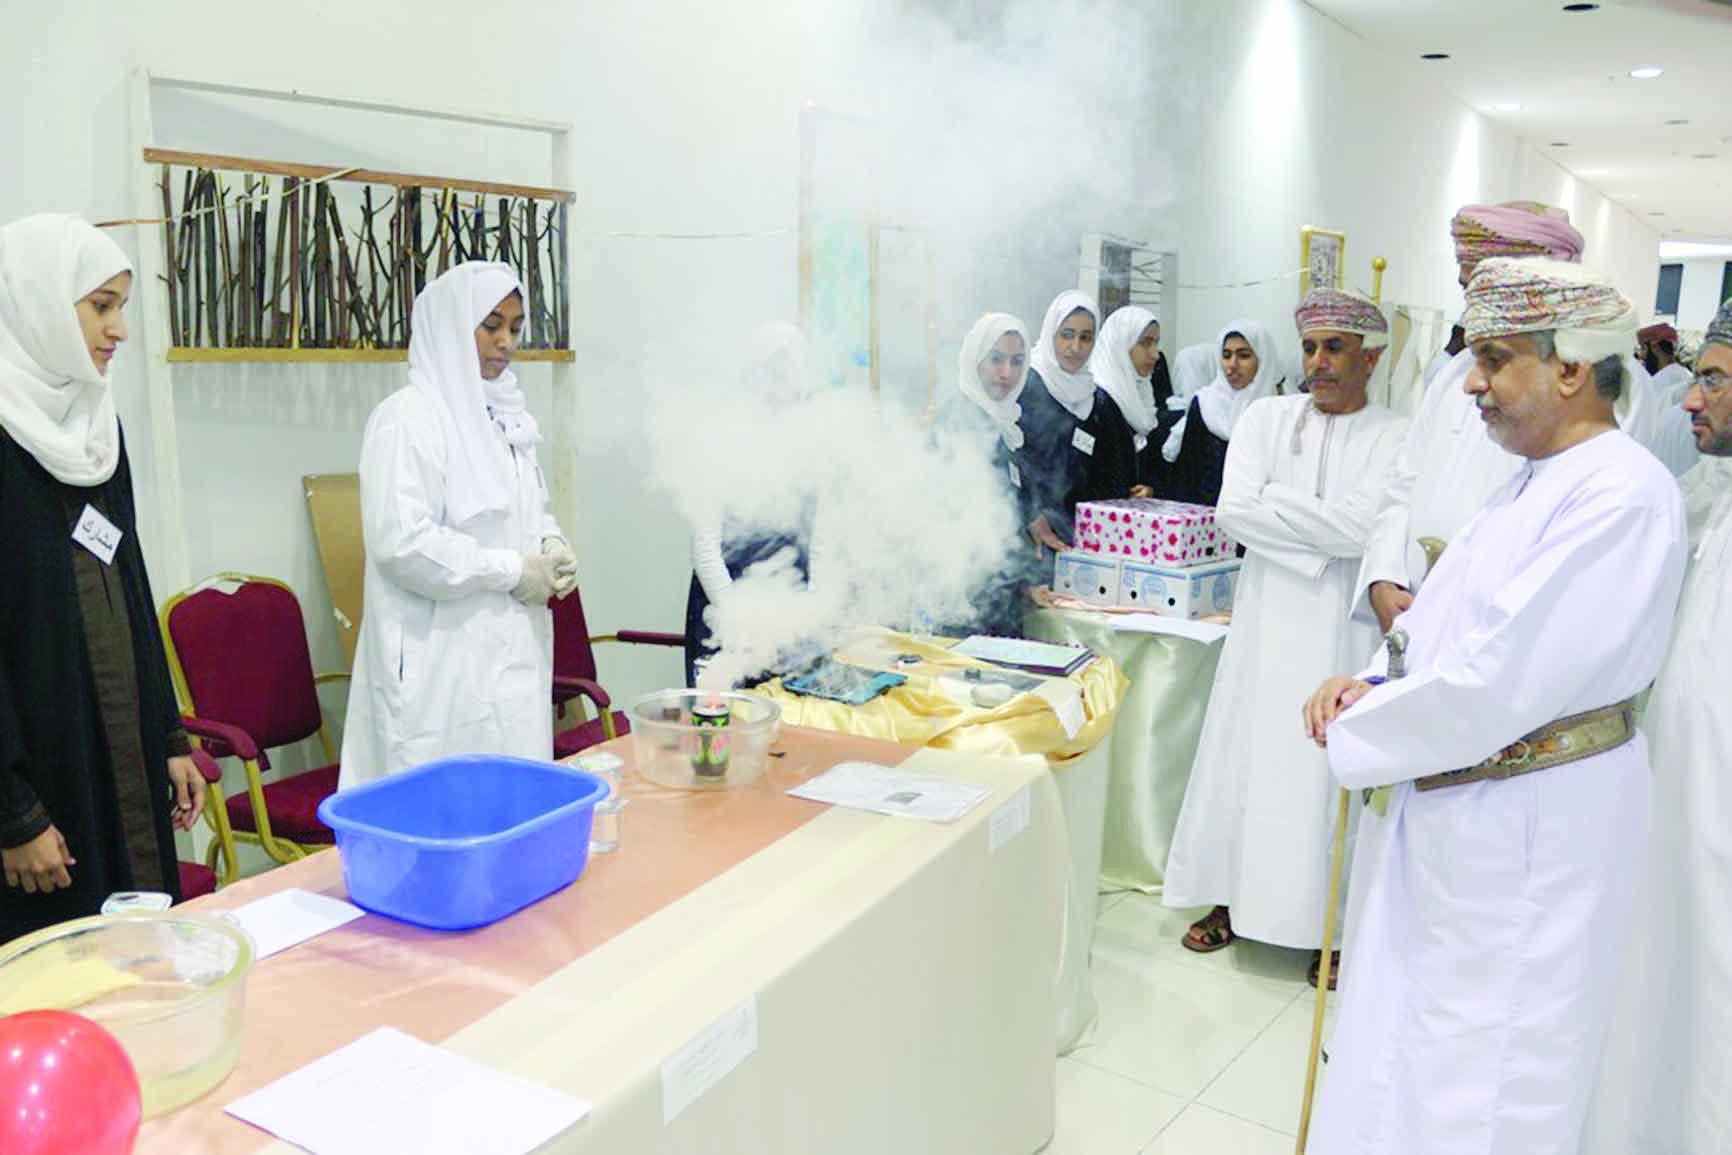 انطلاق فعاليات معرض المبتكرات العلمية الثالث لطلاب الداخلية